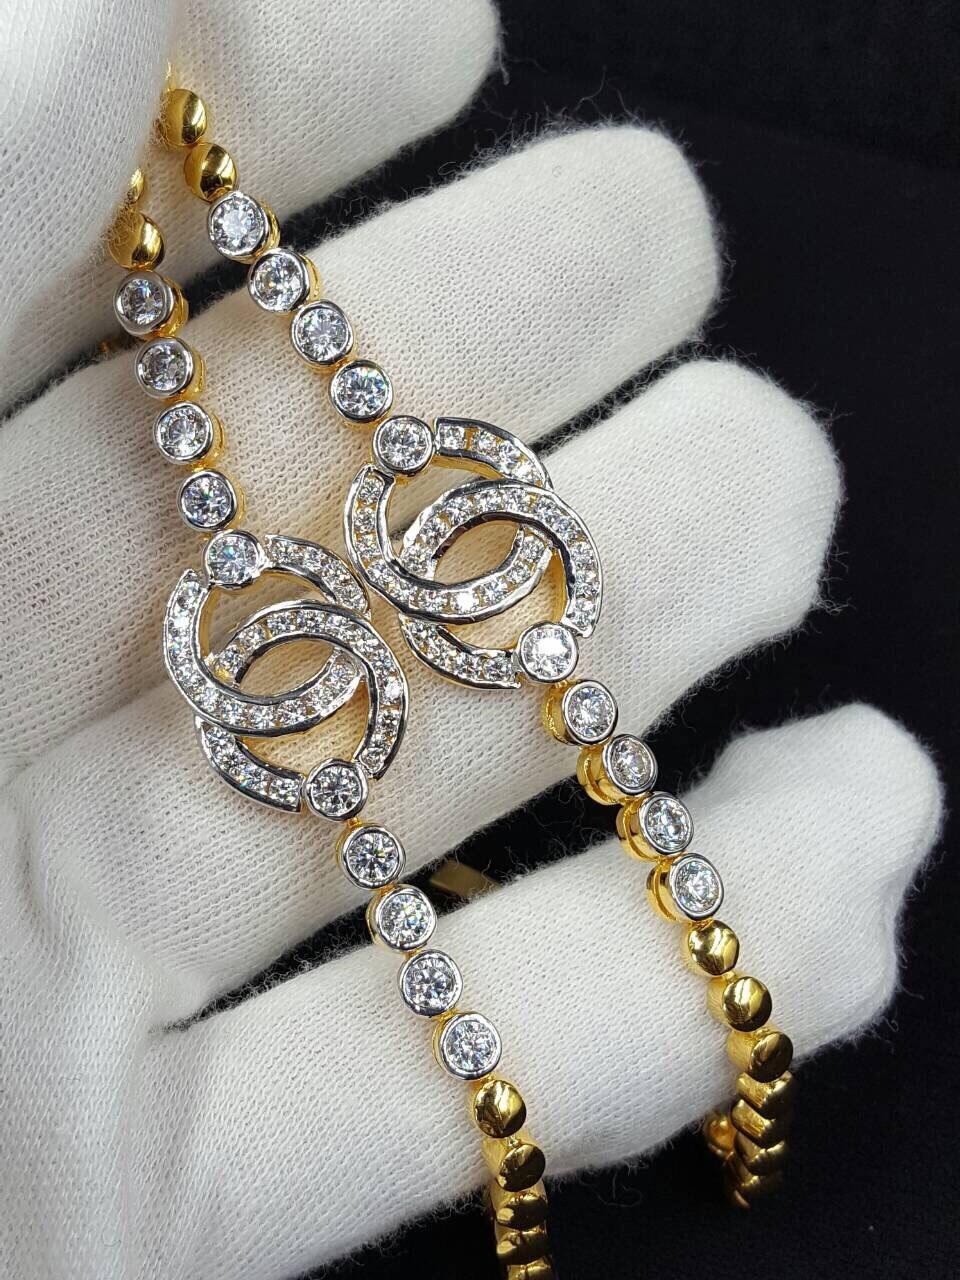 พร้อมส่ง ~ สร้อยข้อมือ Chanel งานทอง 5 ไมครอน เพชรสวิสอย่างดีค่ะ